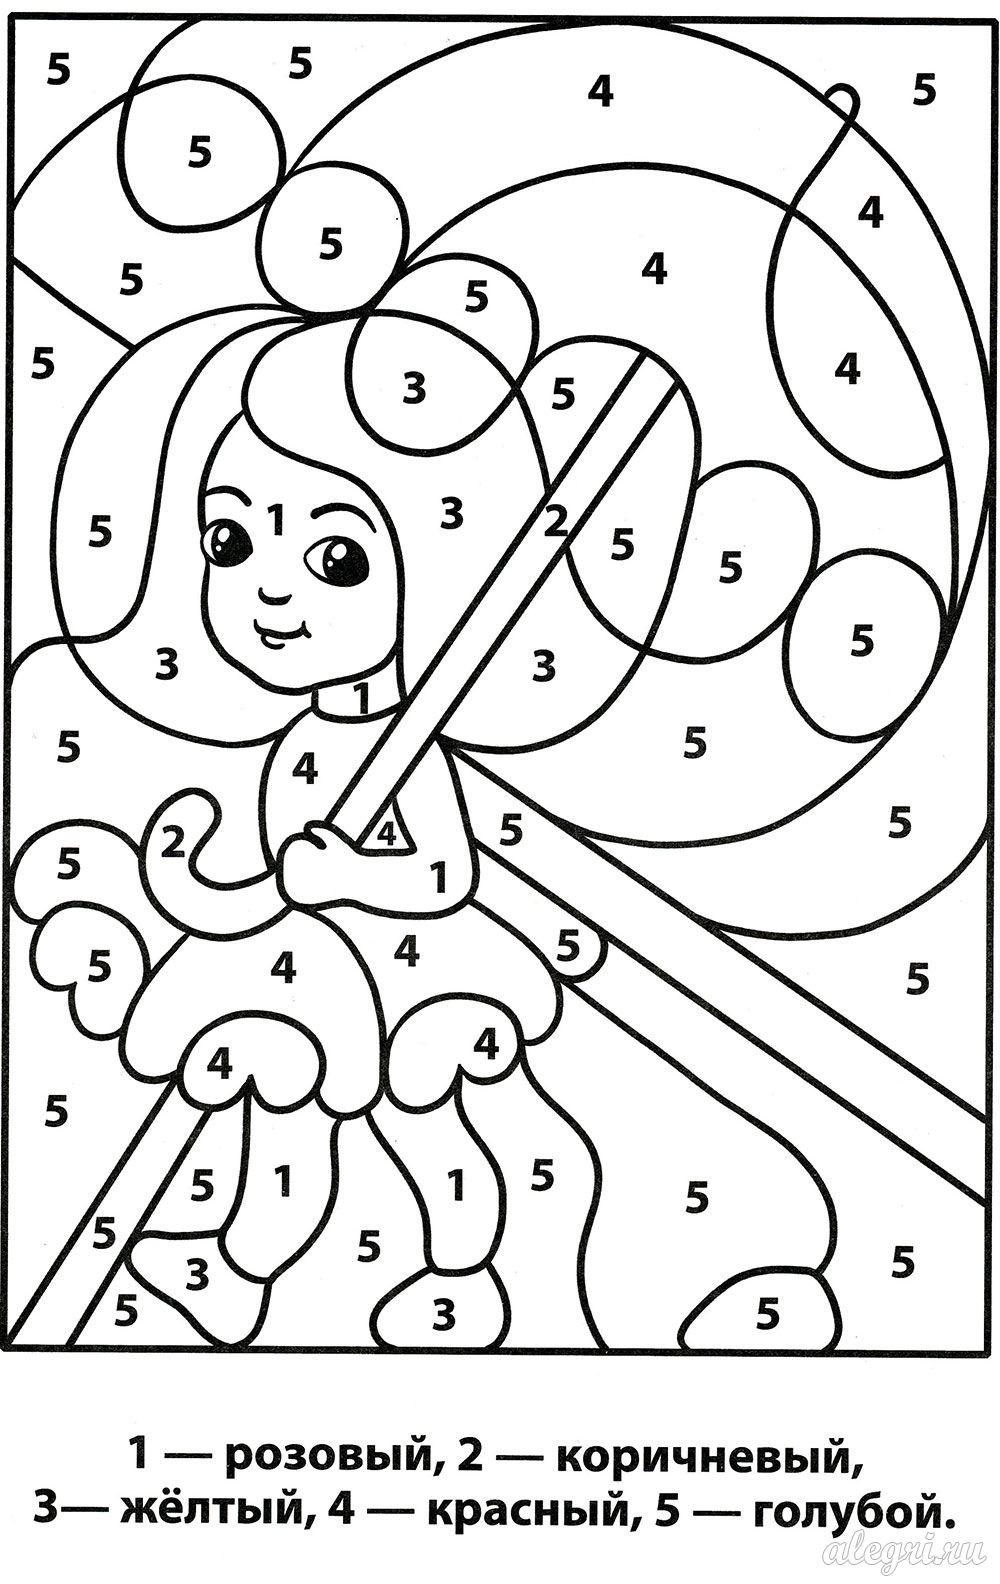 Раскраски по номерам для детей 10 лет